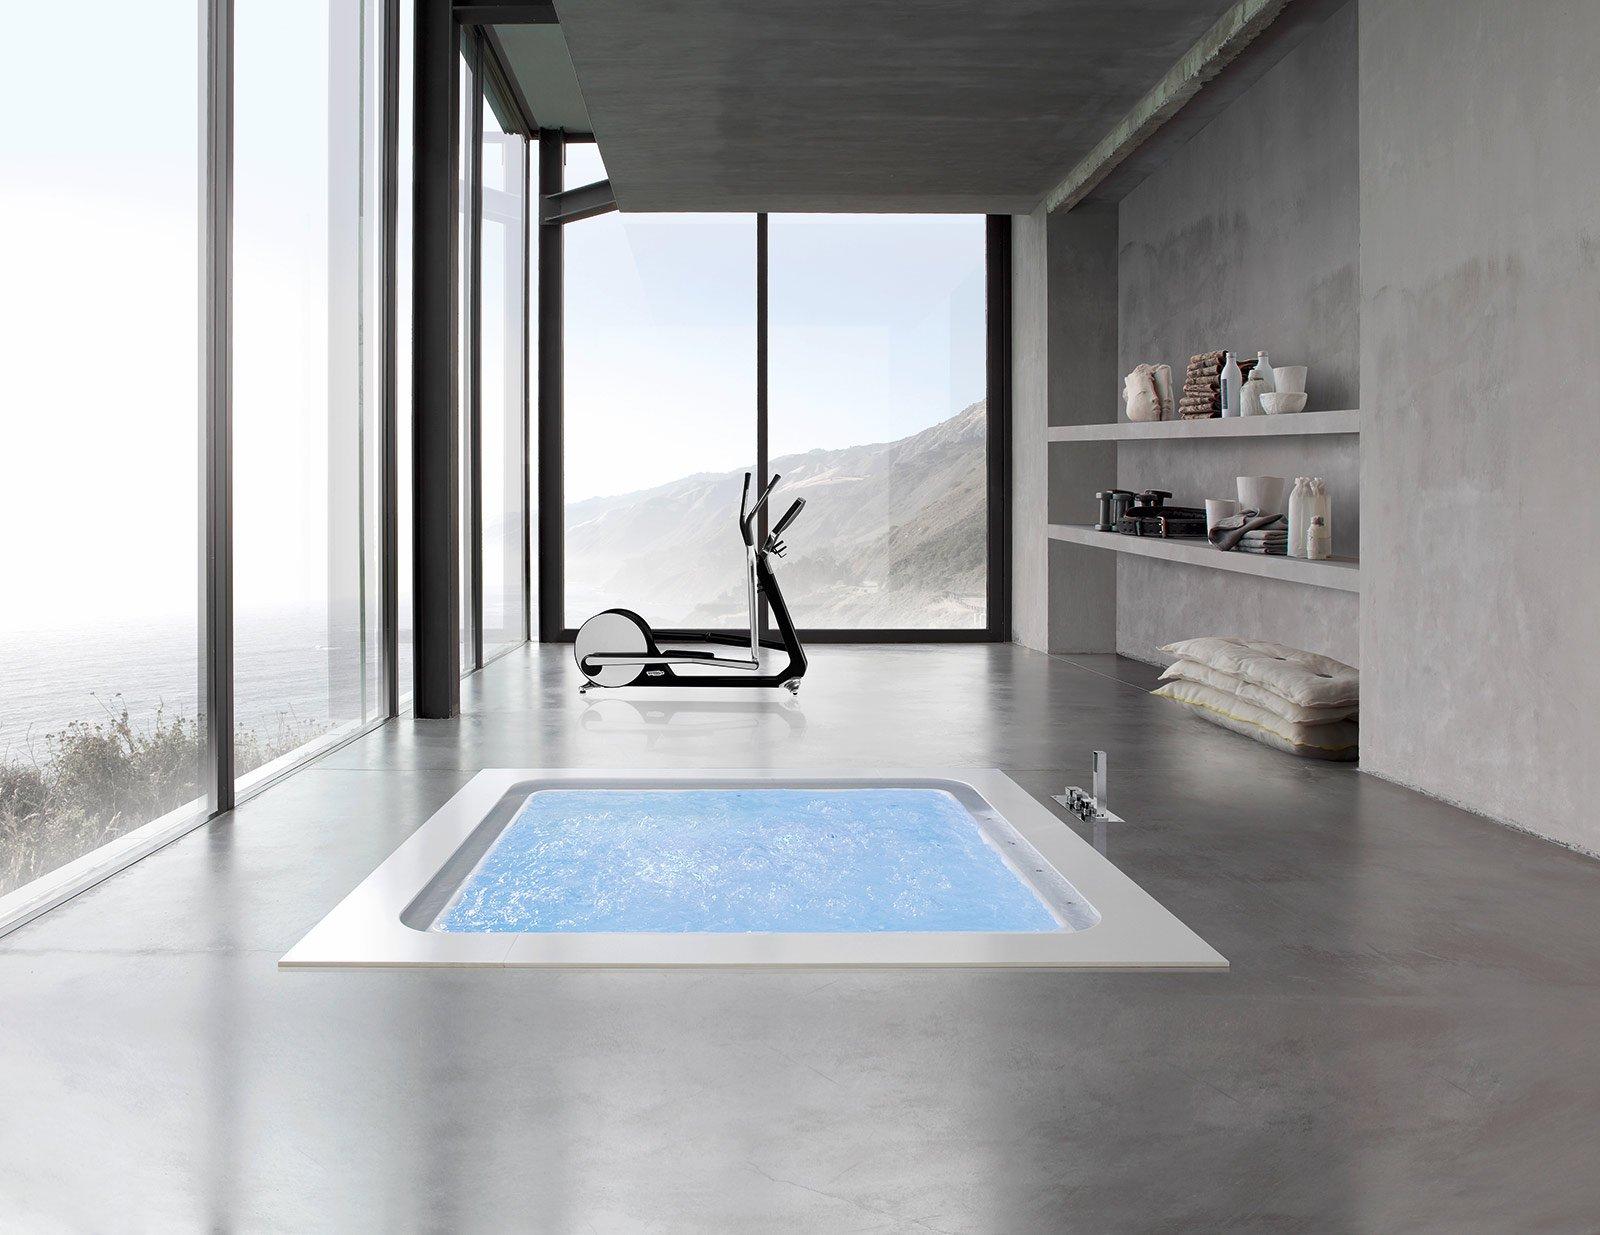 Design week 2014 la vasca da bagno esce dall 39 anonimato cose di casa - Vasca da bagno piscina ...